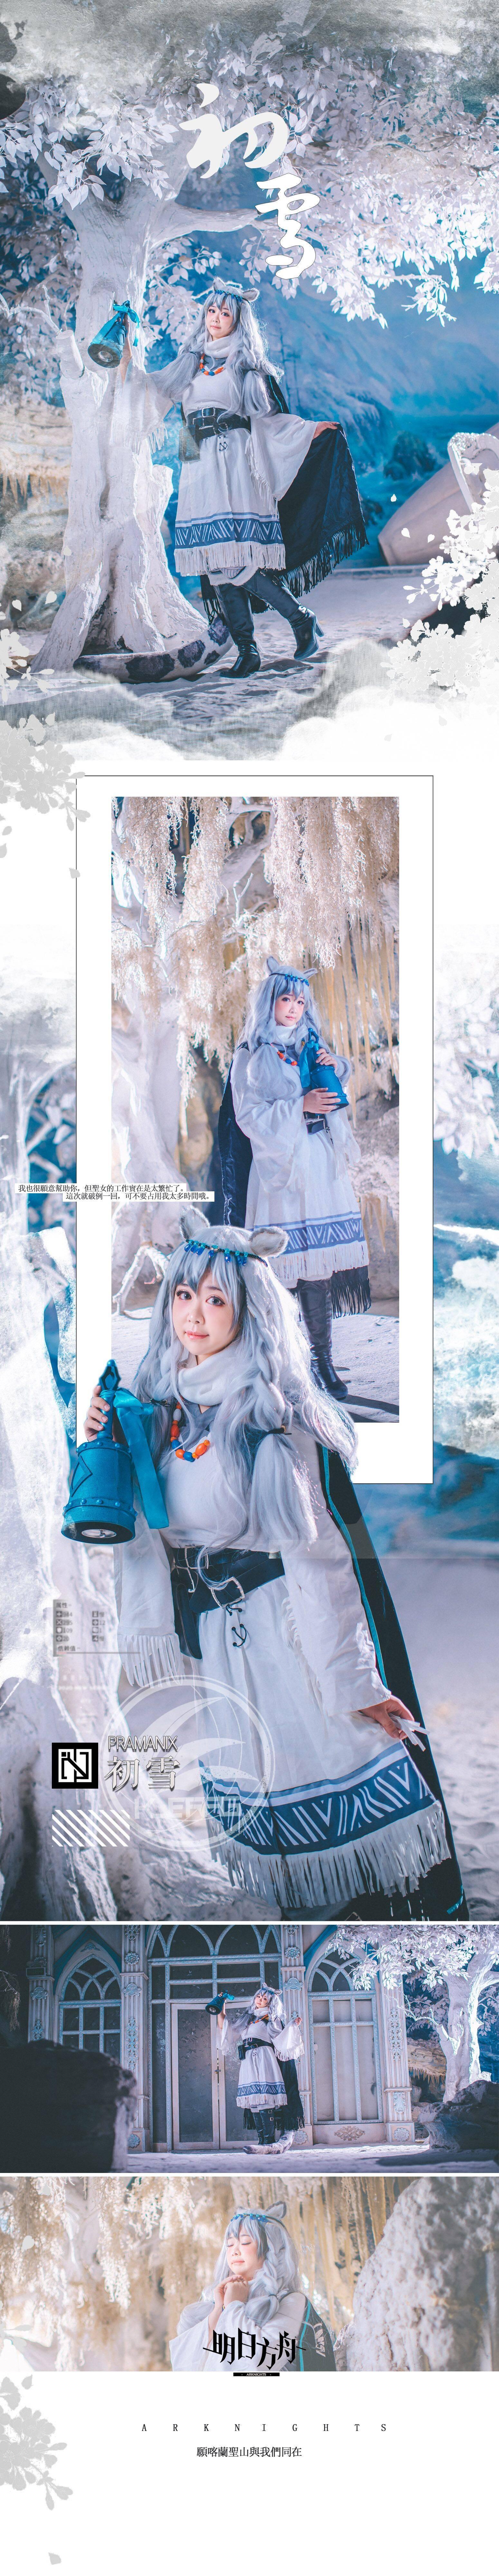 《明日方舟》明日方舟初雪cosplay【CN:爱鲤苏CHAOS】-第3张